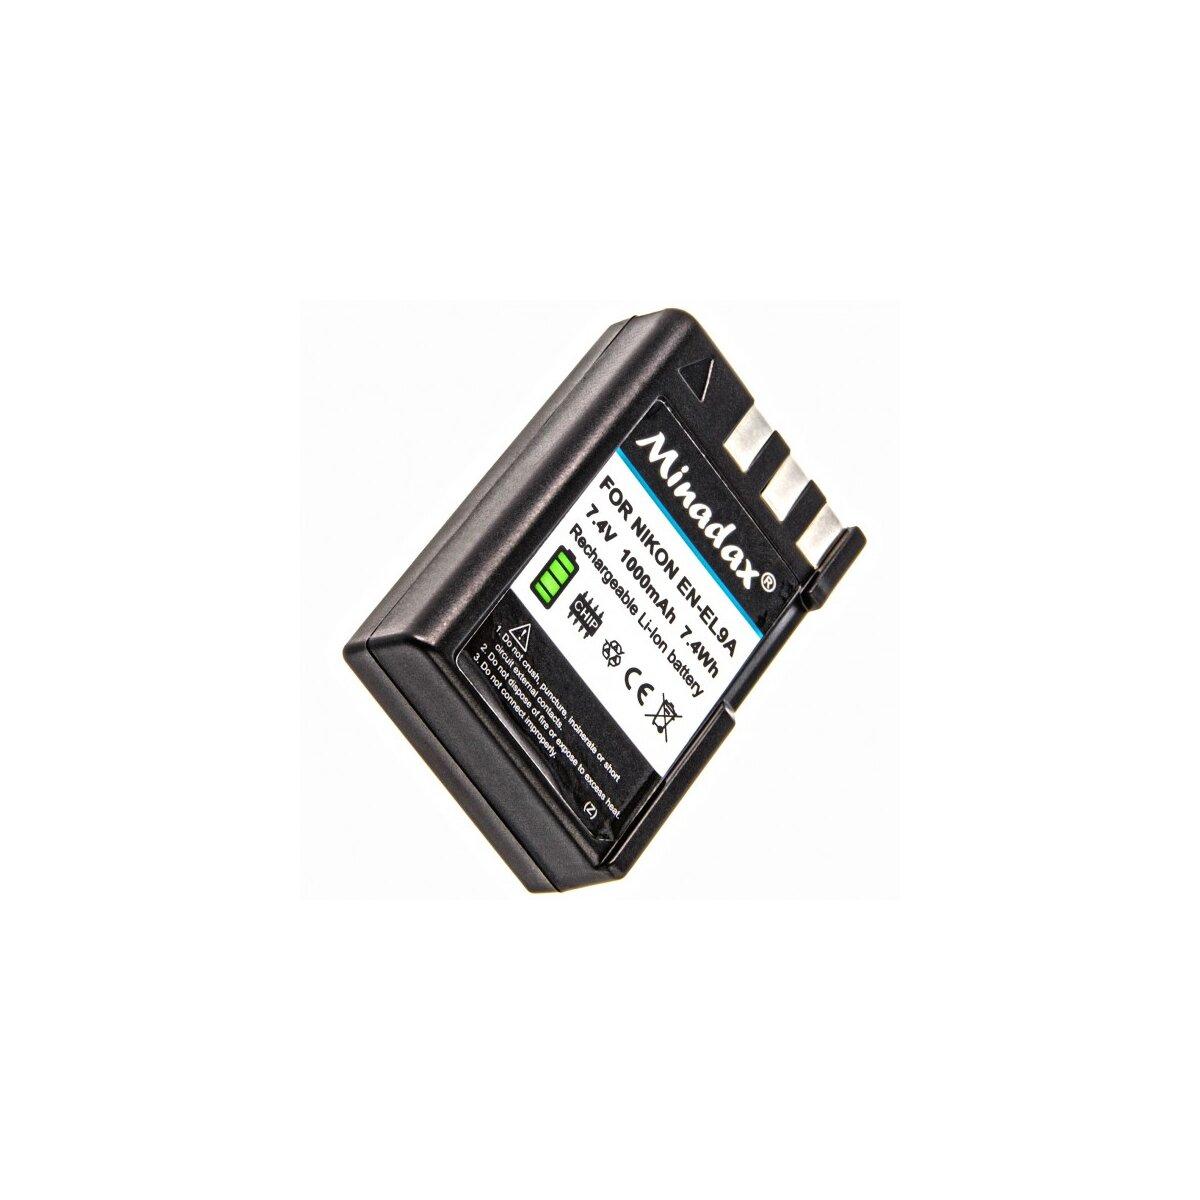 Minadax Li-Ion Akku kompatibel mit Nikon D5000, D3000, D40, D40x, D60 - Ersatz für EN-EL9, EN-EL9a